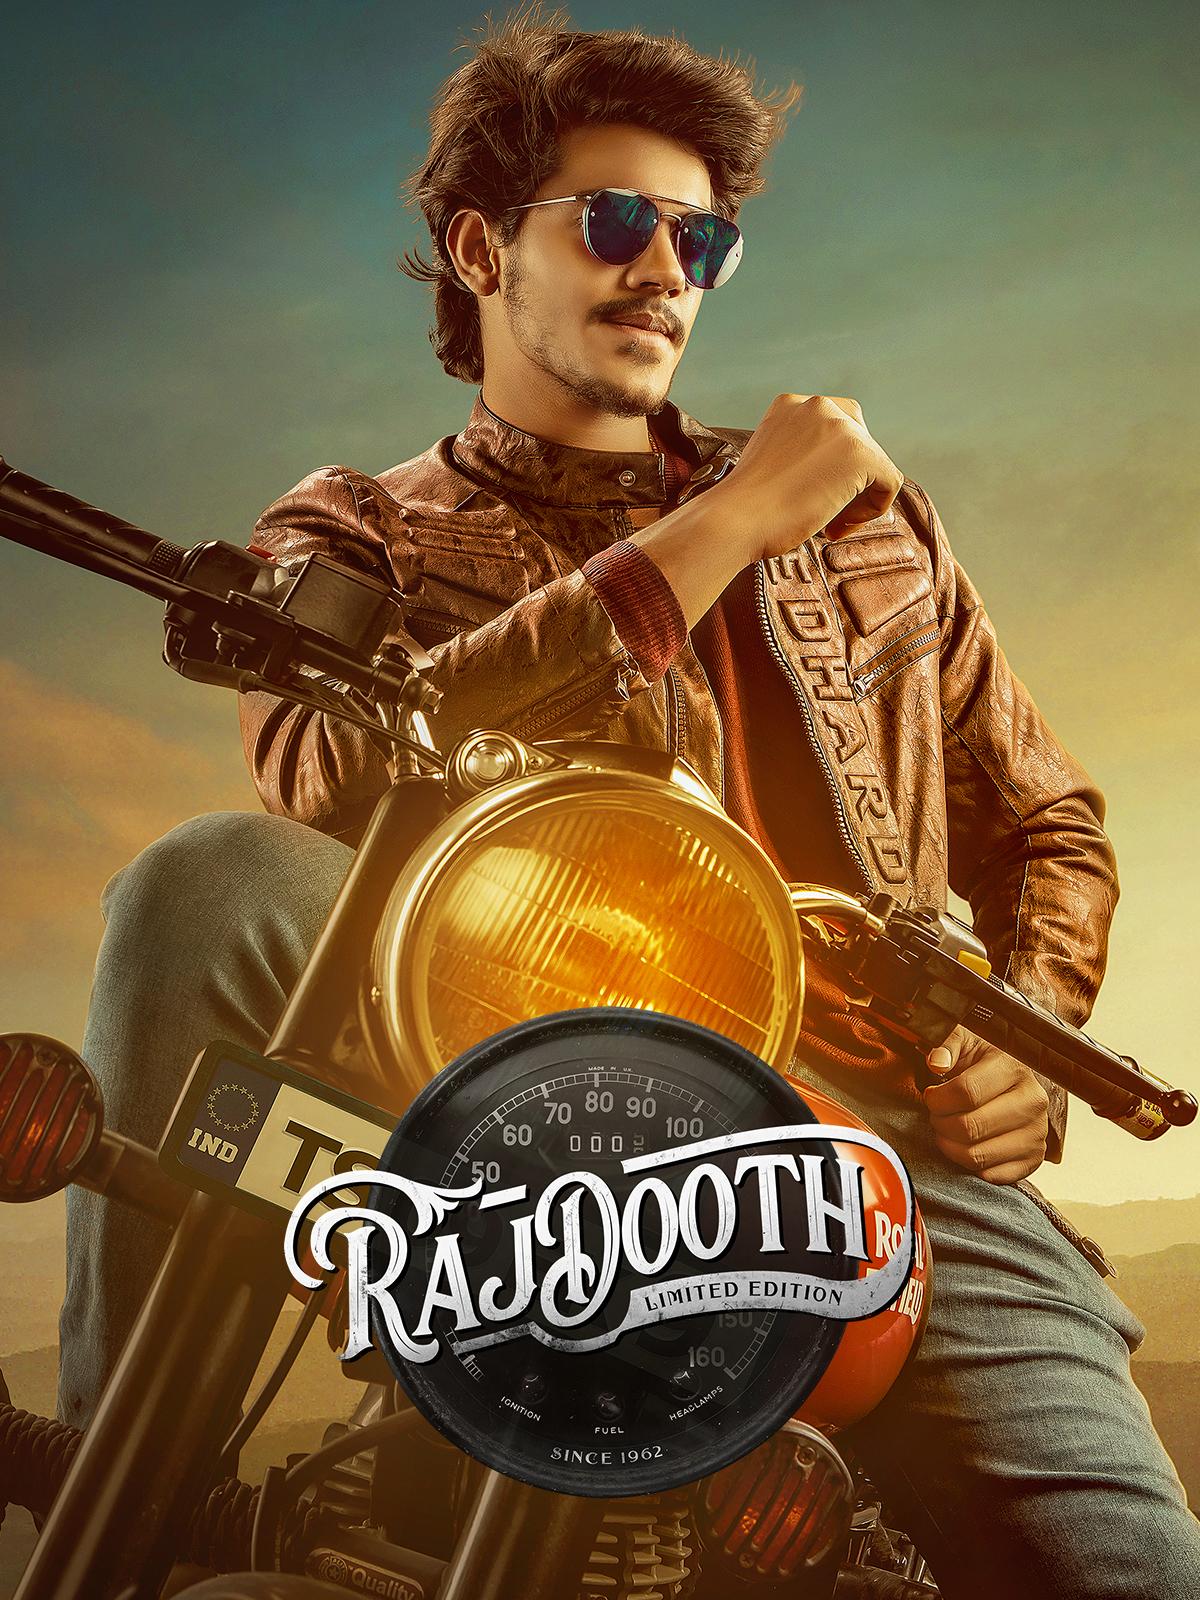 Raja Ki Rajdoot (Rajdooth) 2021 Hindi Dubbed 1.7GB HDRip 1080p Download